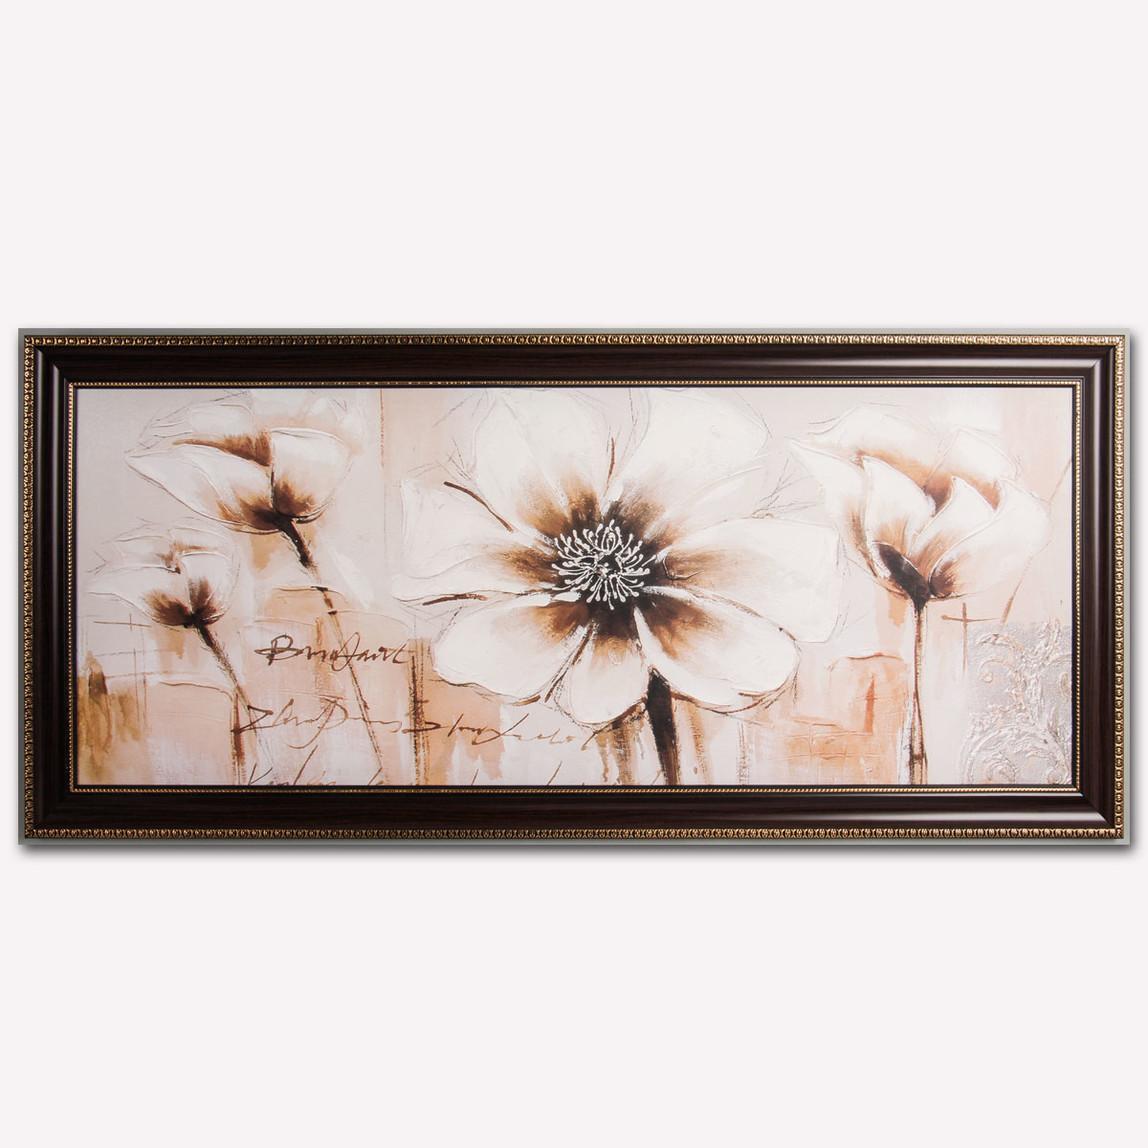 40x98 cm Çerçeveli Resim